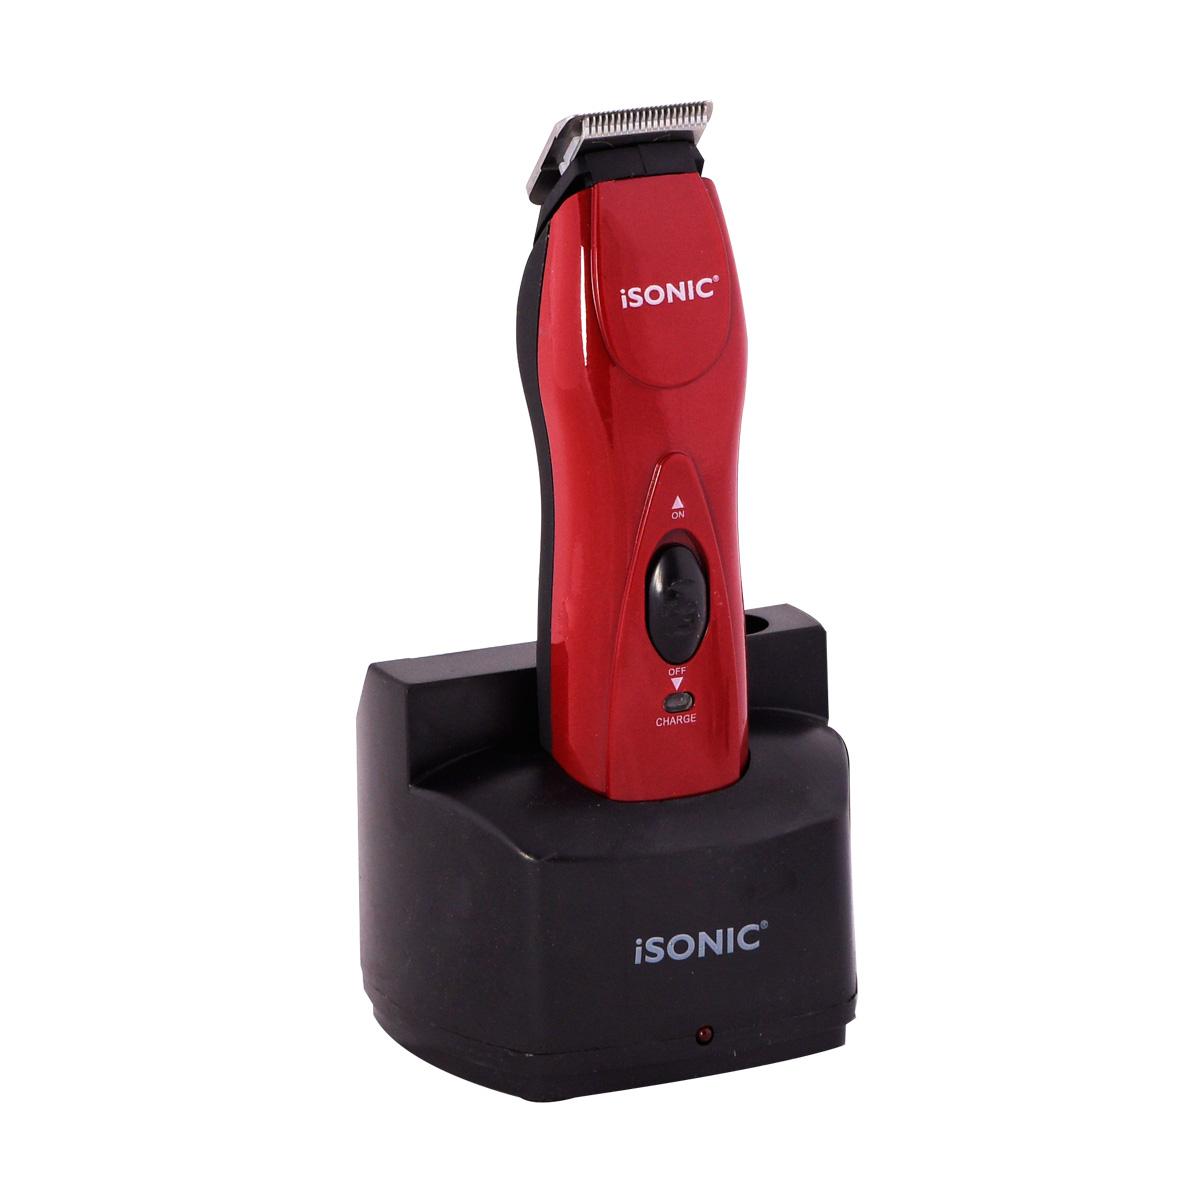 مكينة حلاقةوتشذيب ايسونيك - موديل IH834